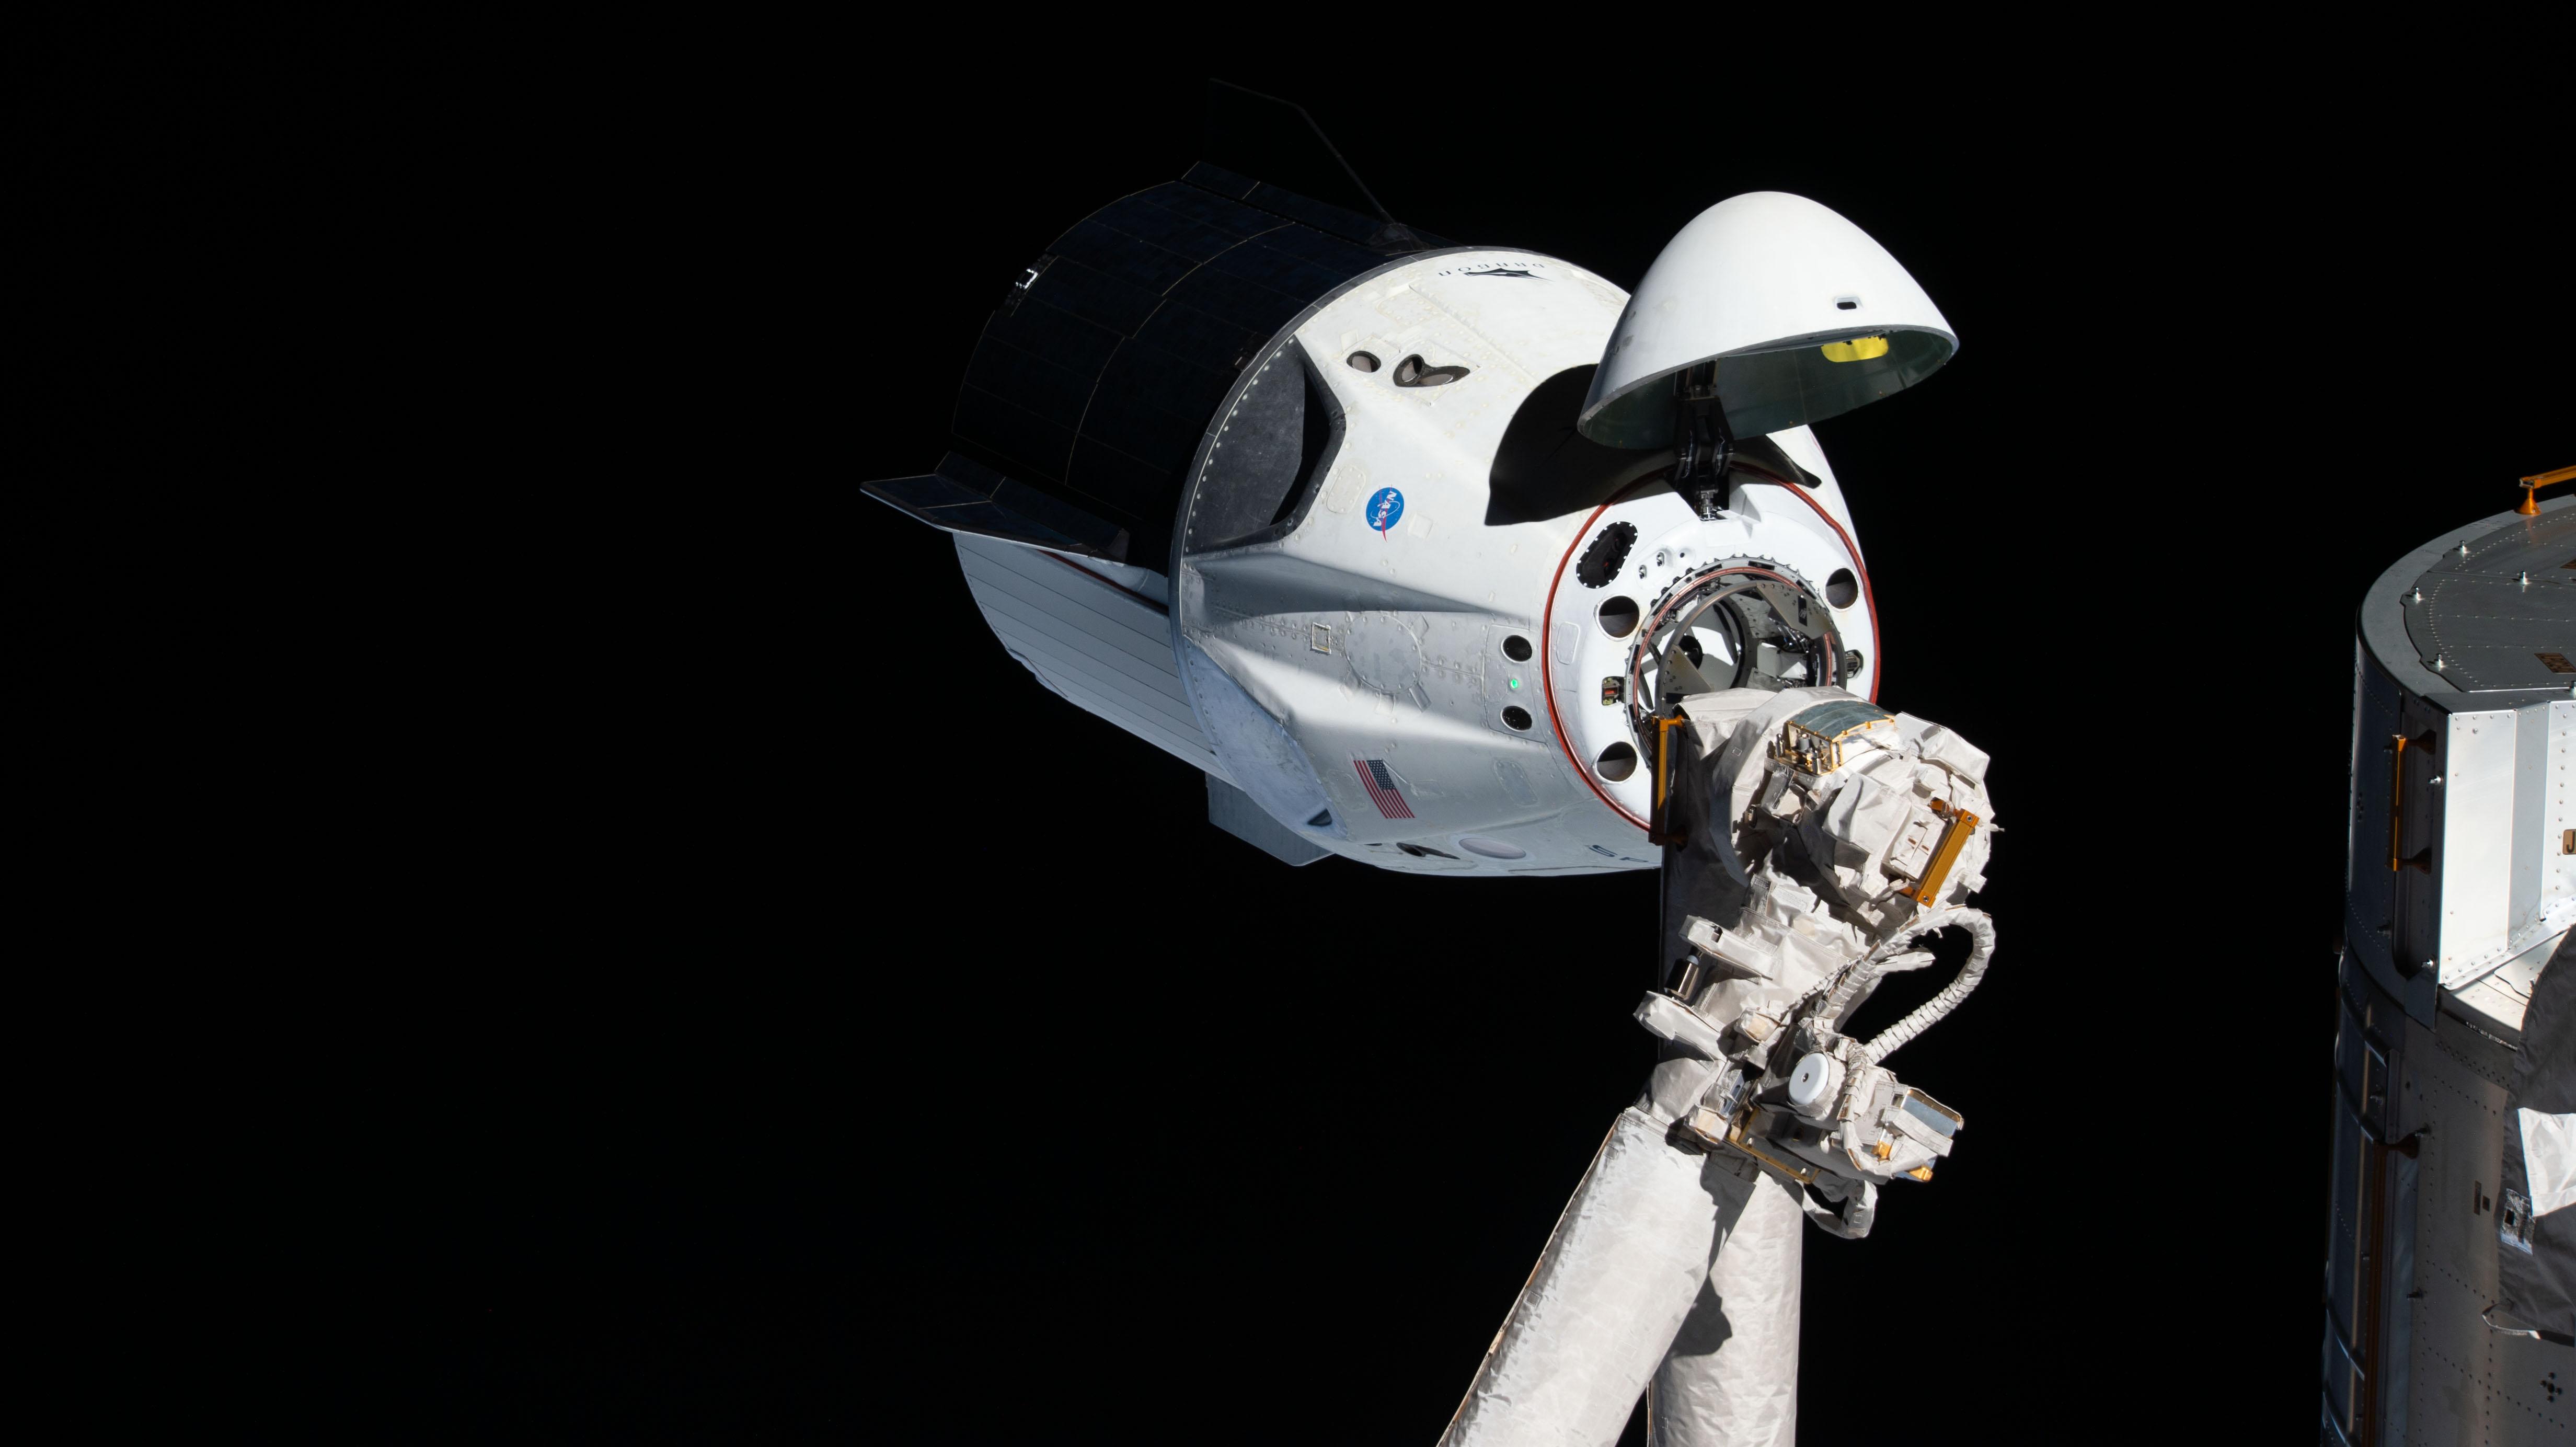 Statek Dragon dokujący do ISS podczas misji Crew Demo-1 (Źródło: NASA)